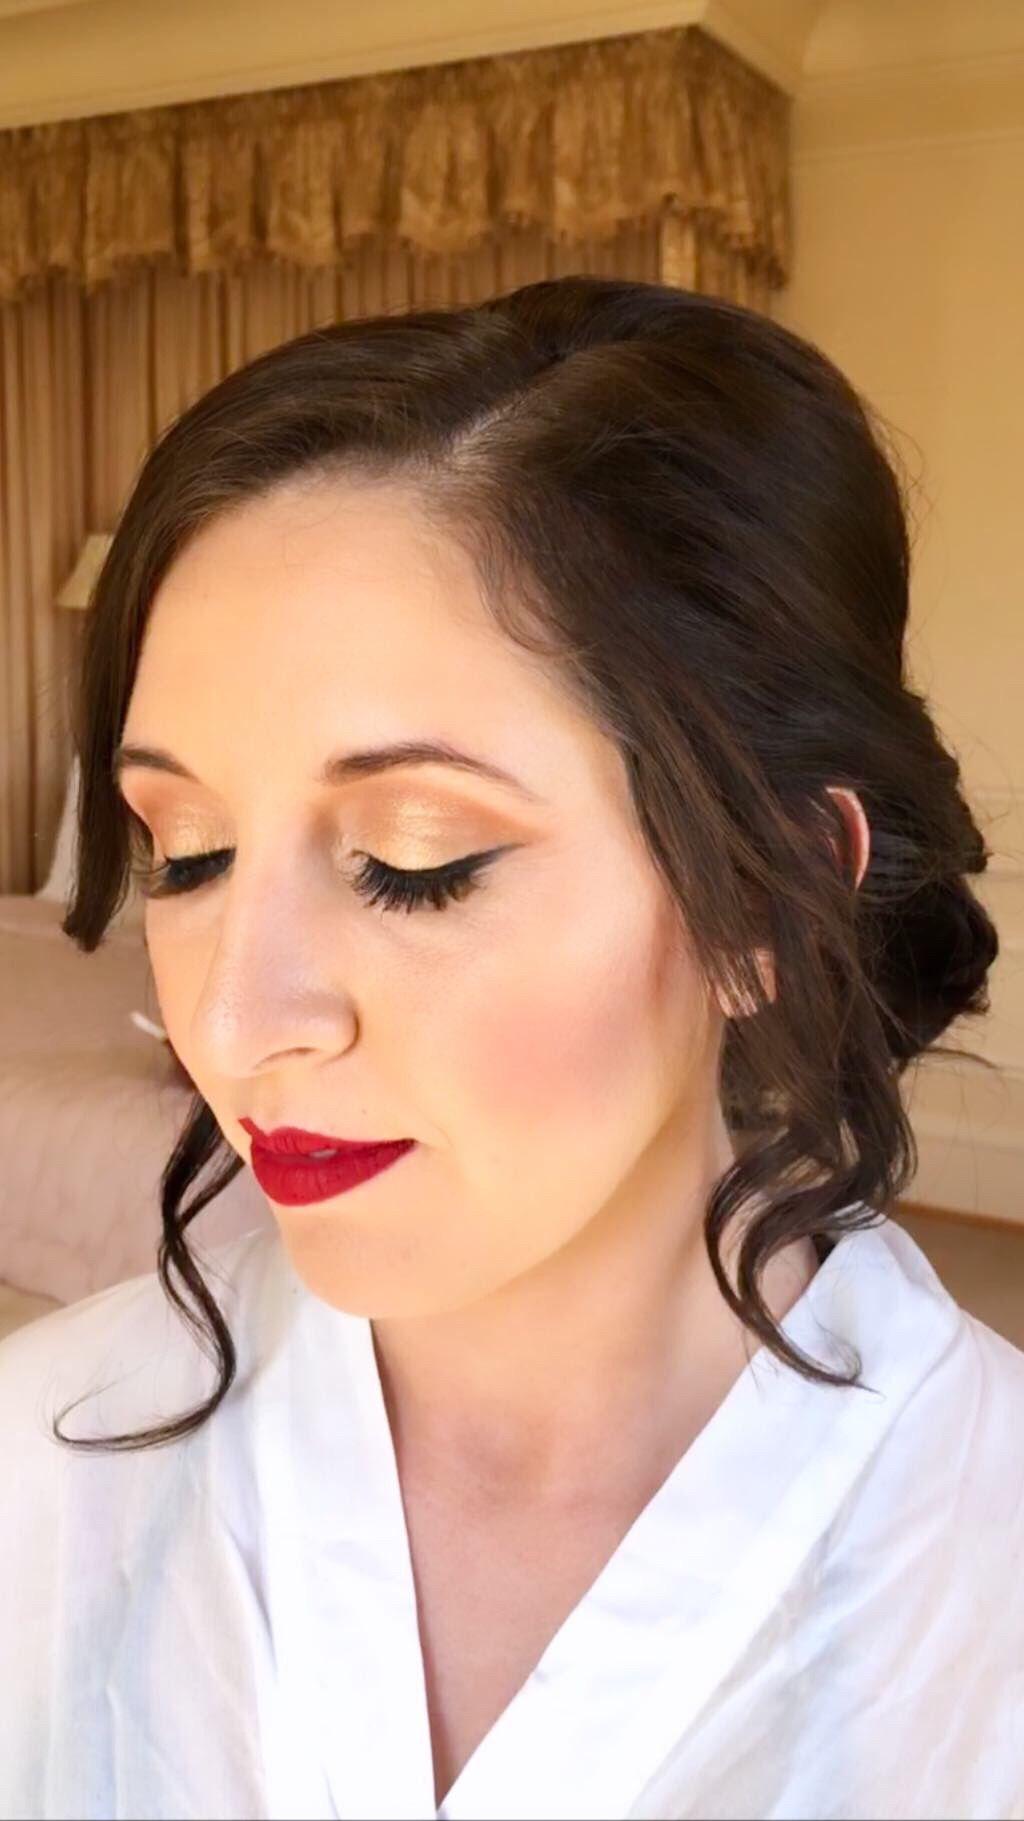 Bridal Gold Tone Makeup Bridal Makeup Wedding Makeup Airbrush Makeup